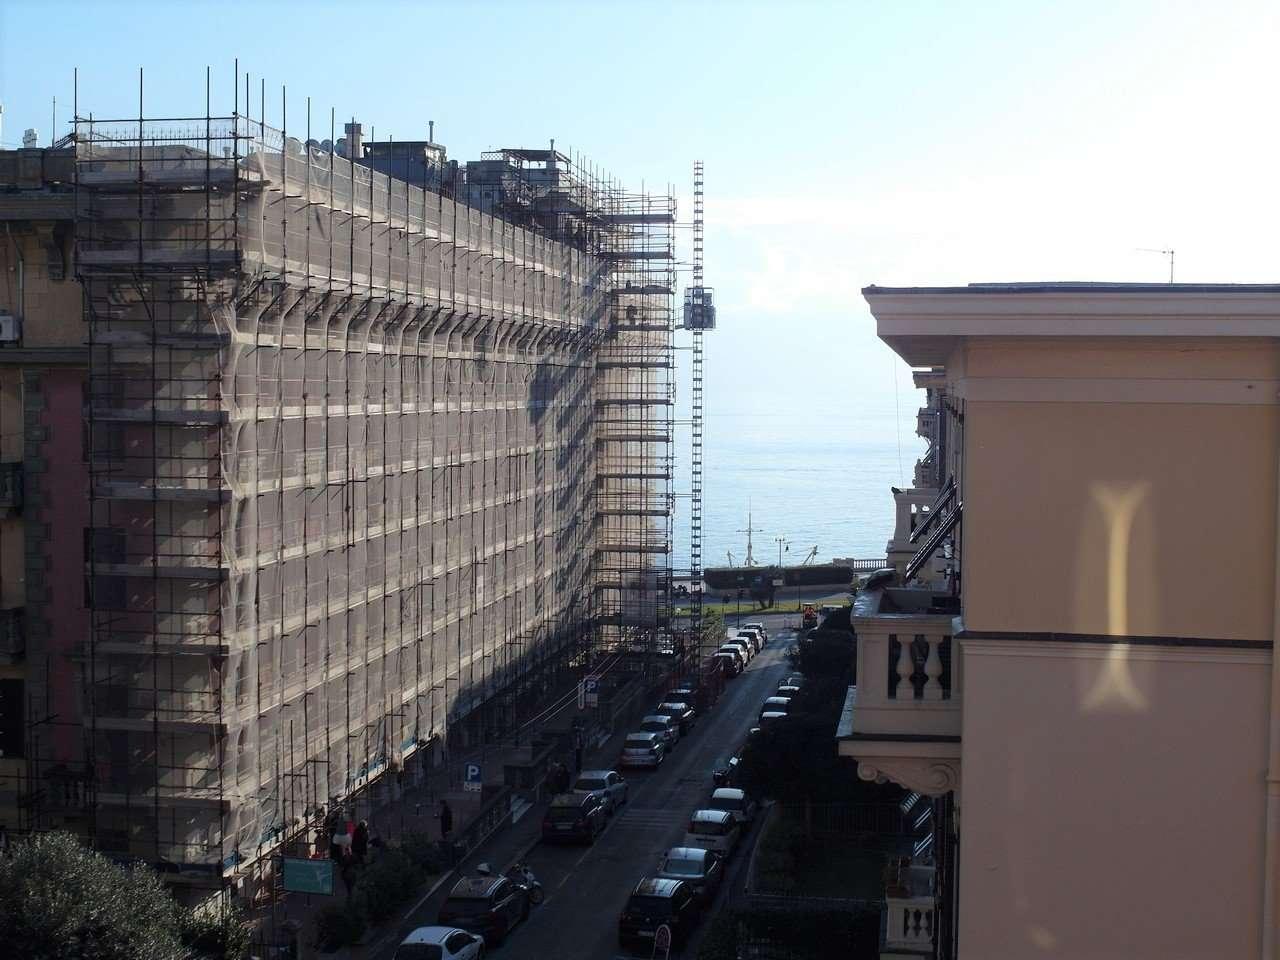 affitto appartamento Genova Albaro 6 vani arredati con balcone